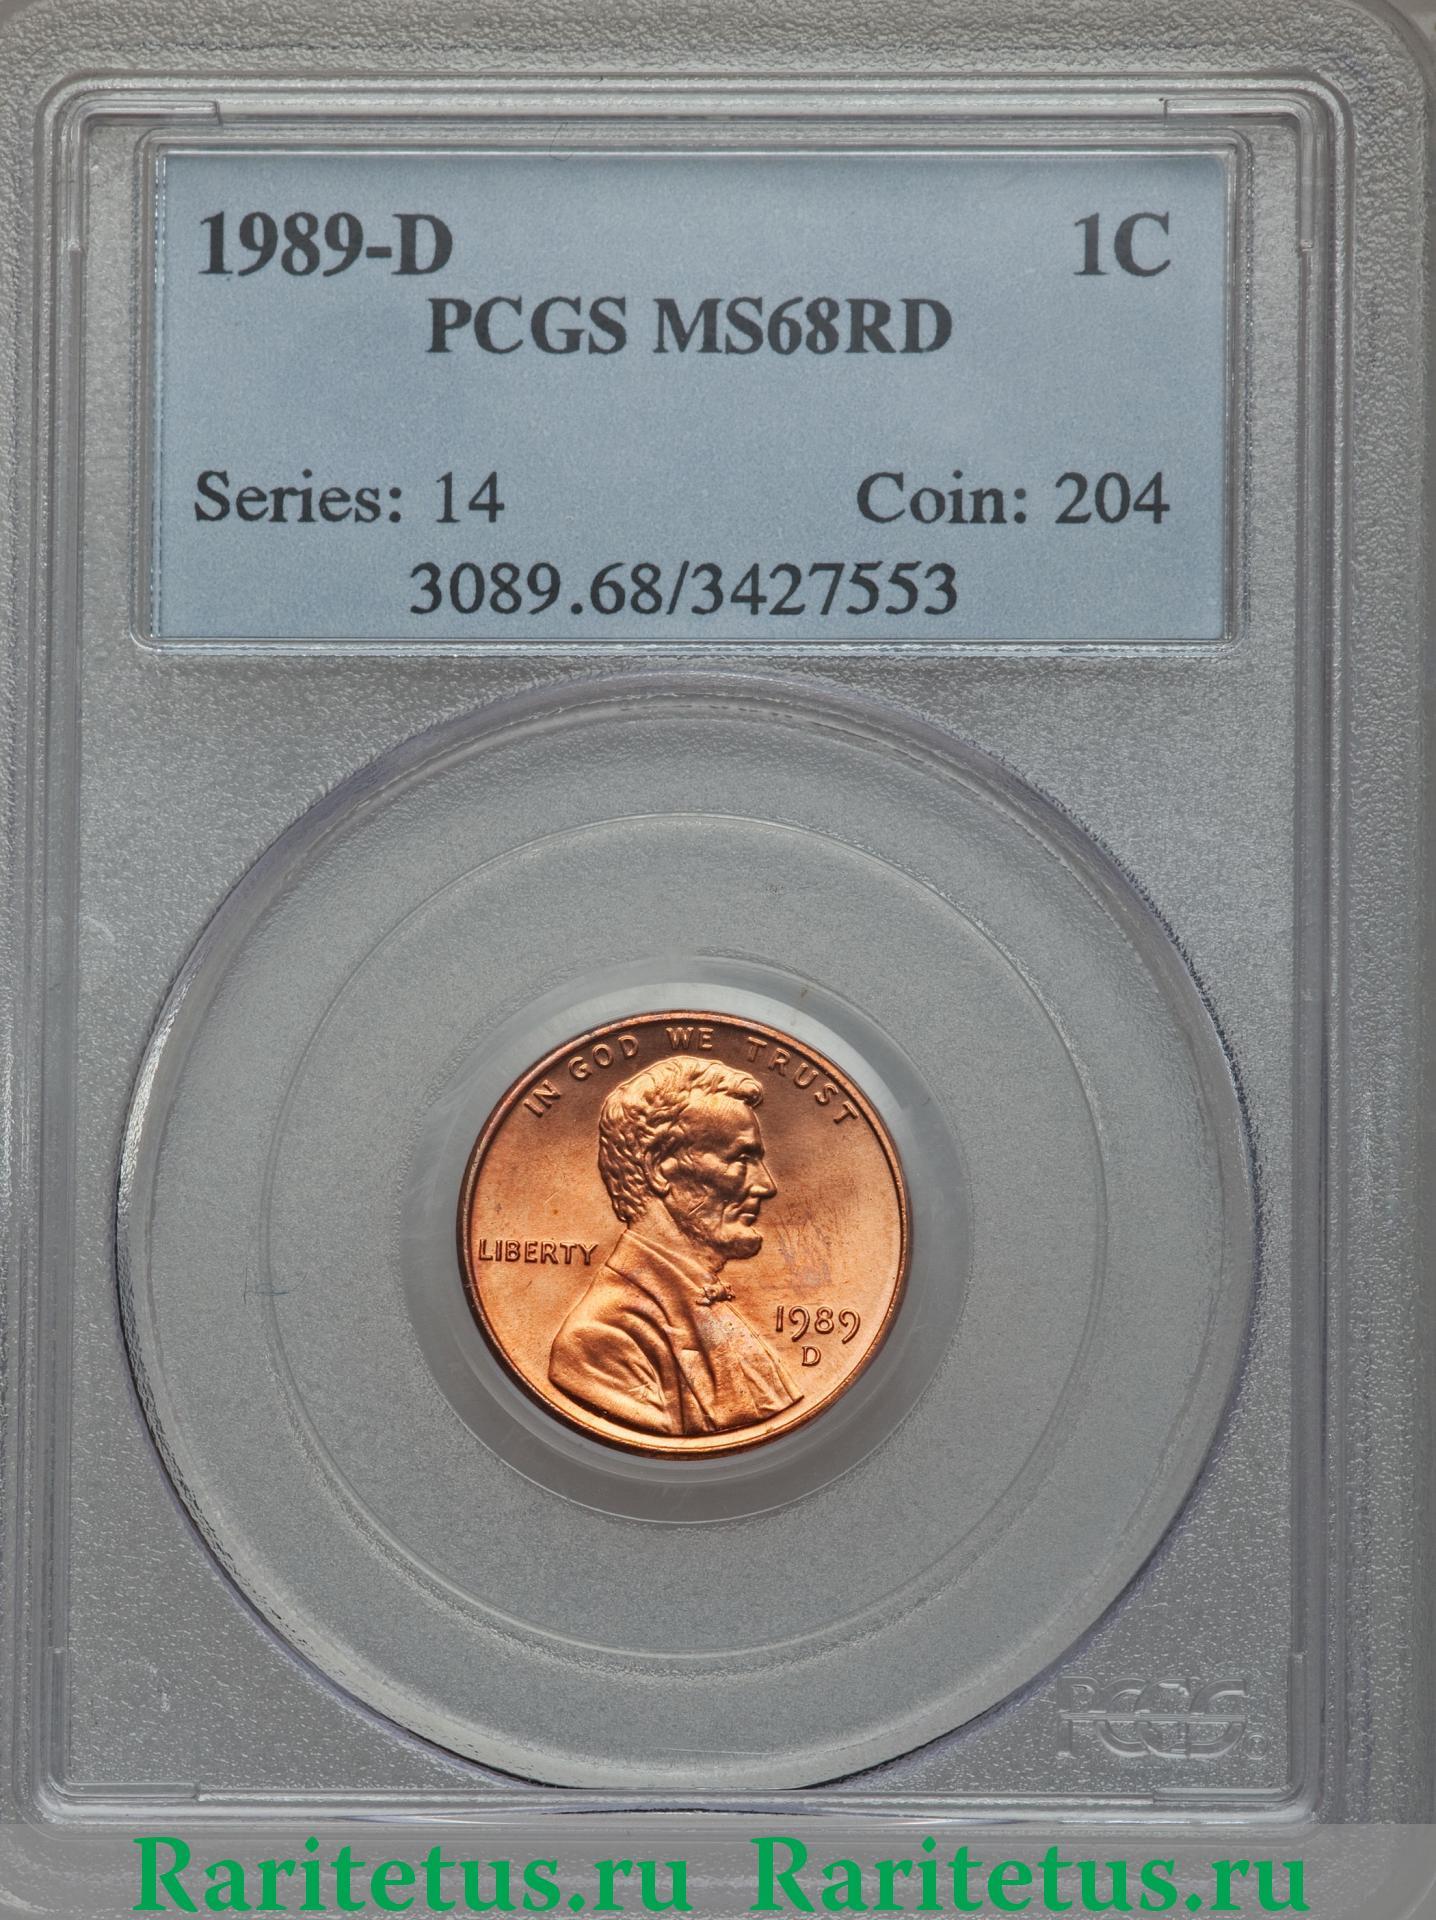 Цена монеты 1 цент (cent) 1989 года, США: стоимость по